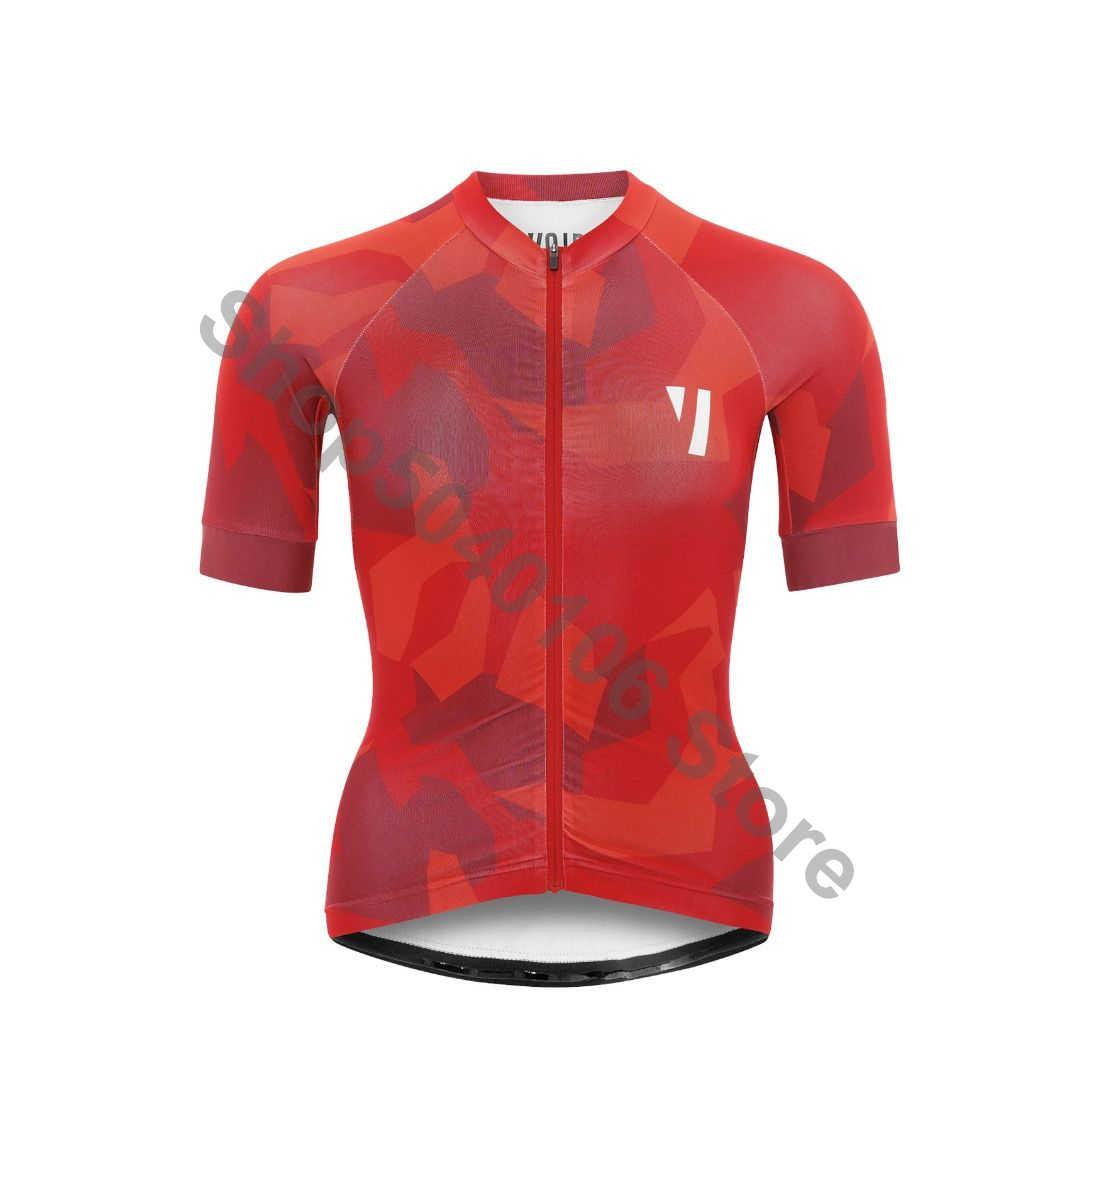 2019 NICHTIG Atmungs Radfahren Jersey Sommer Fahrrad kurzarm Quick dry Bike Radfahren Kleidung Maillot Ropa Ciclismo Hombre C22